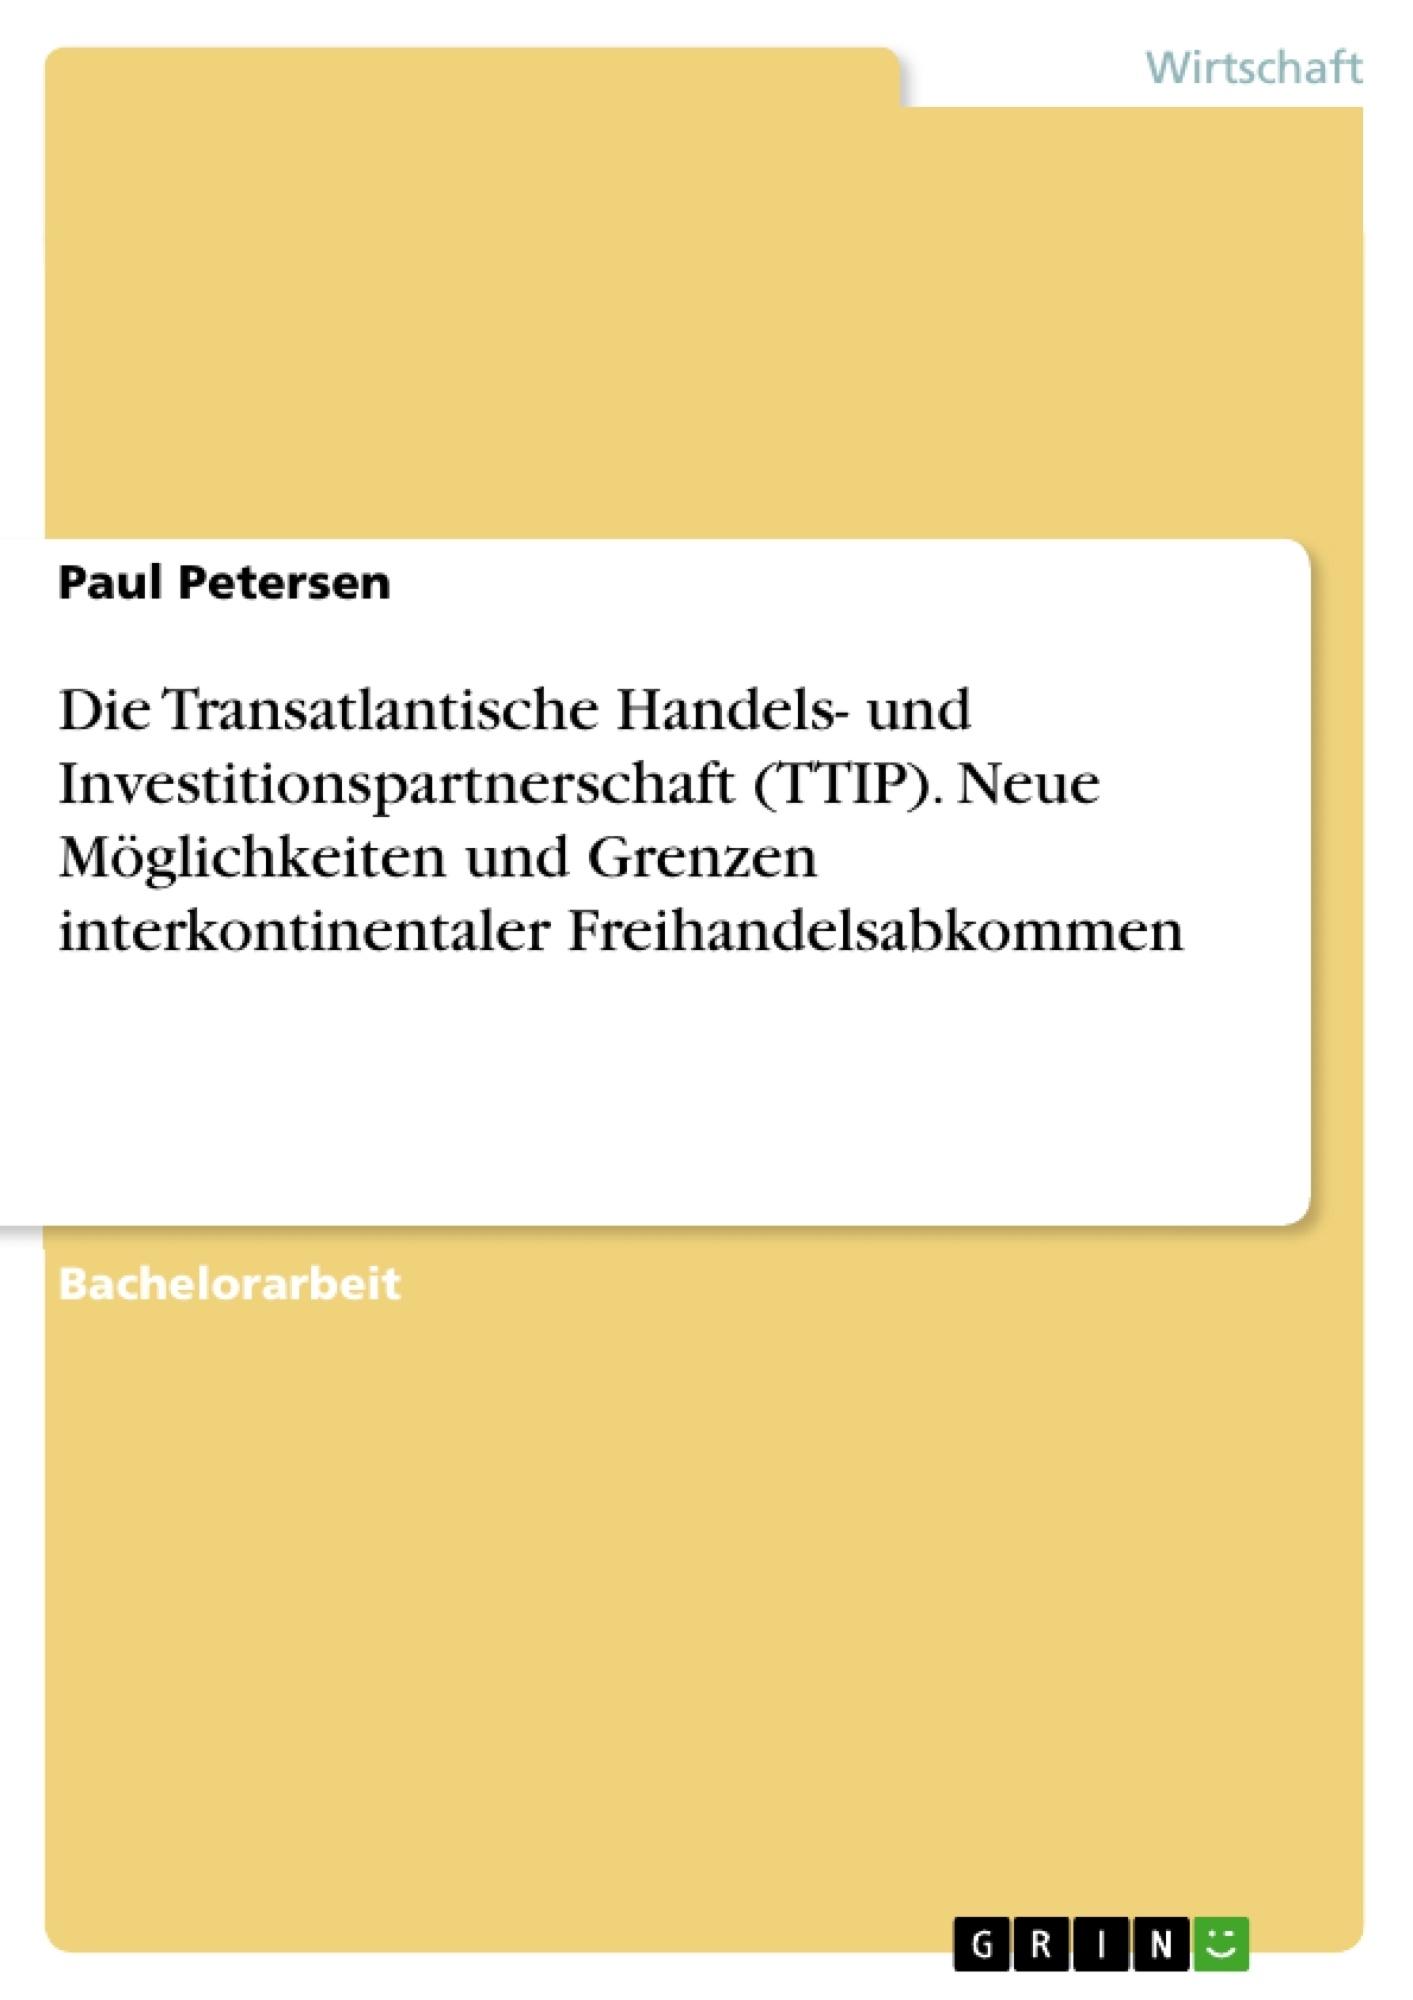 Titel: Die Transatlantische Handels- und Investitionspartnerschaft (TTIP). Neue Möglichkeiten und Grenzen interkontinentaler Freihandelsabkommen